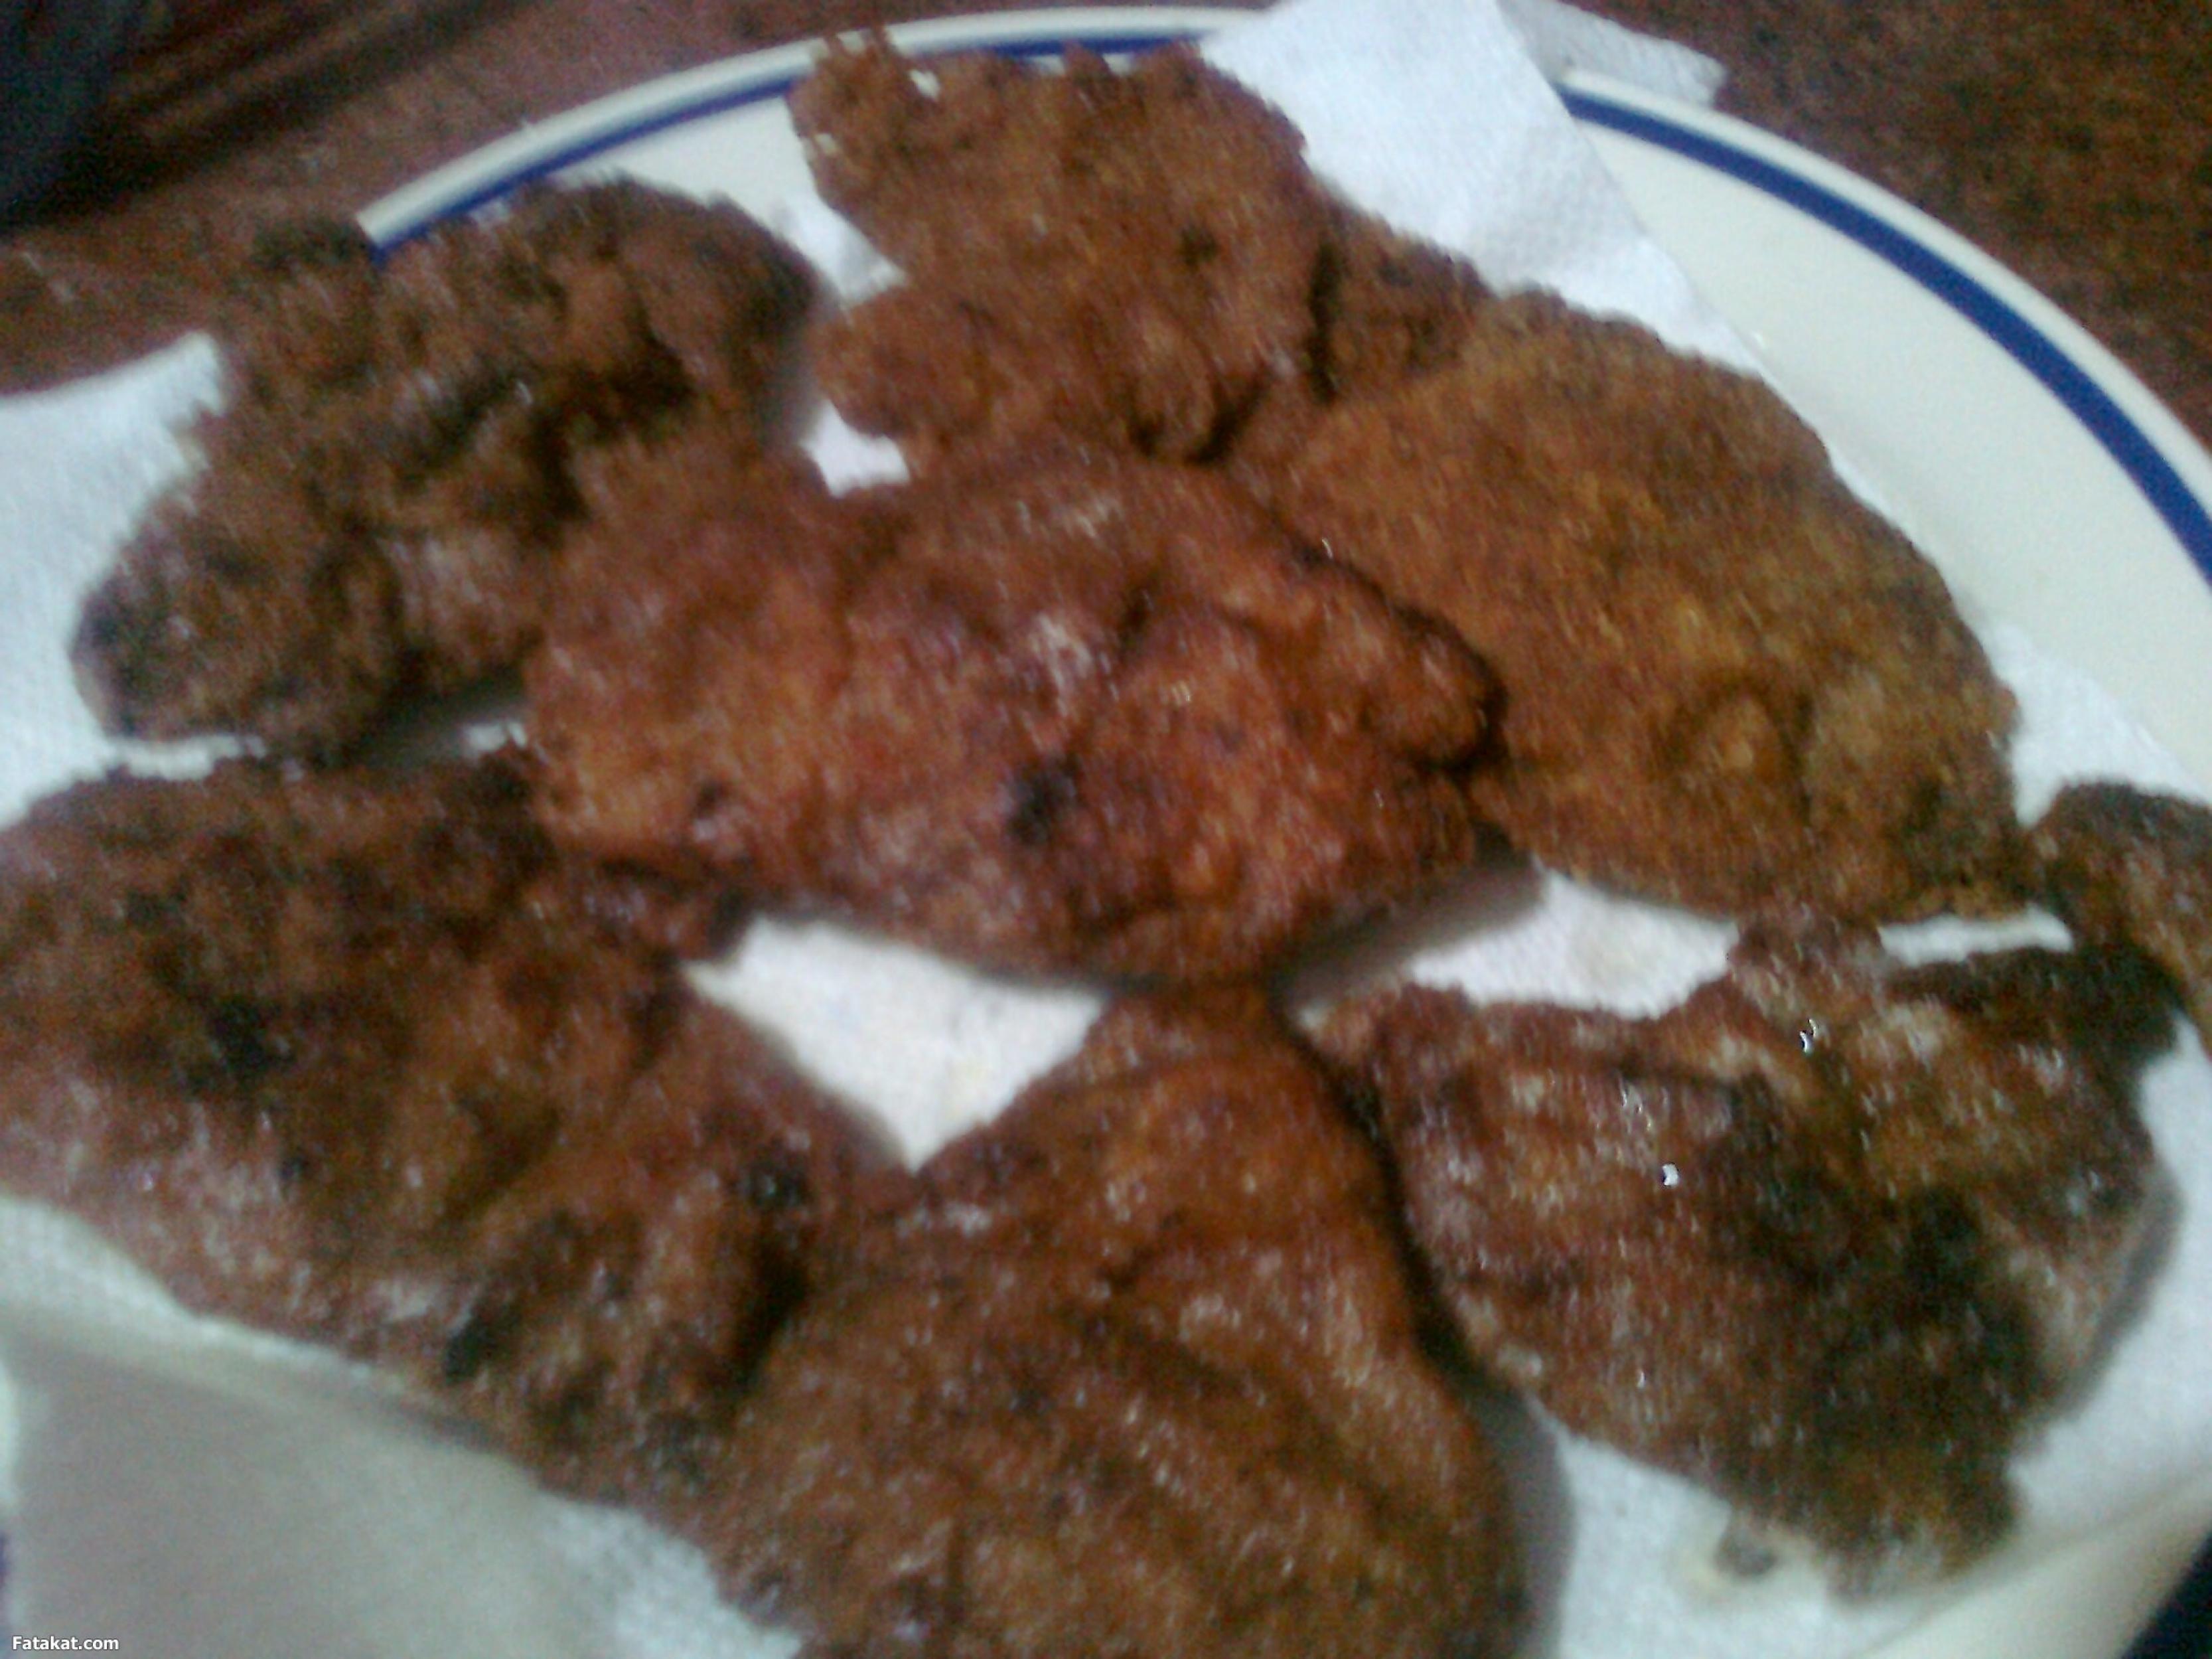 http://food.fatakat.com/photos/5340.jpg